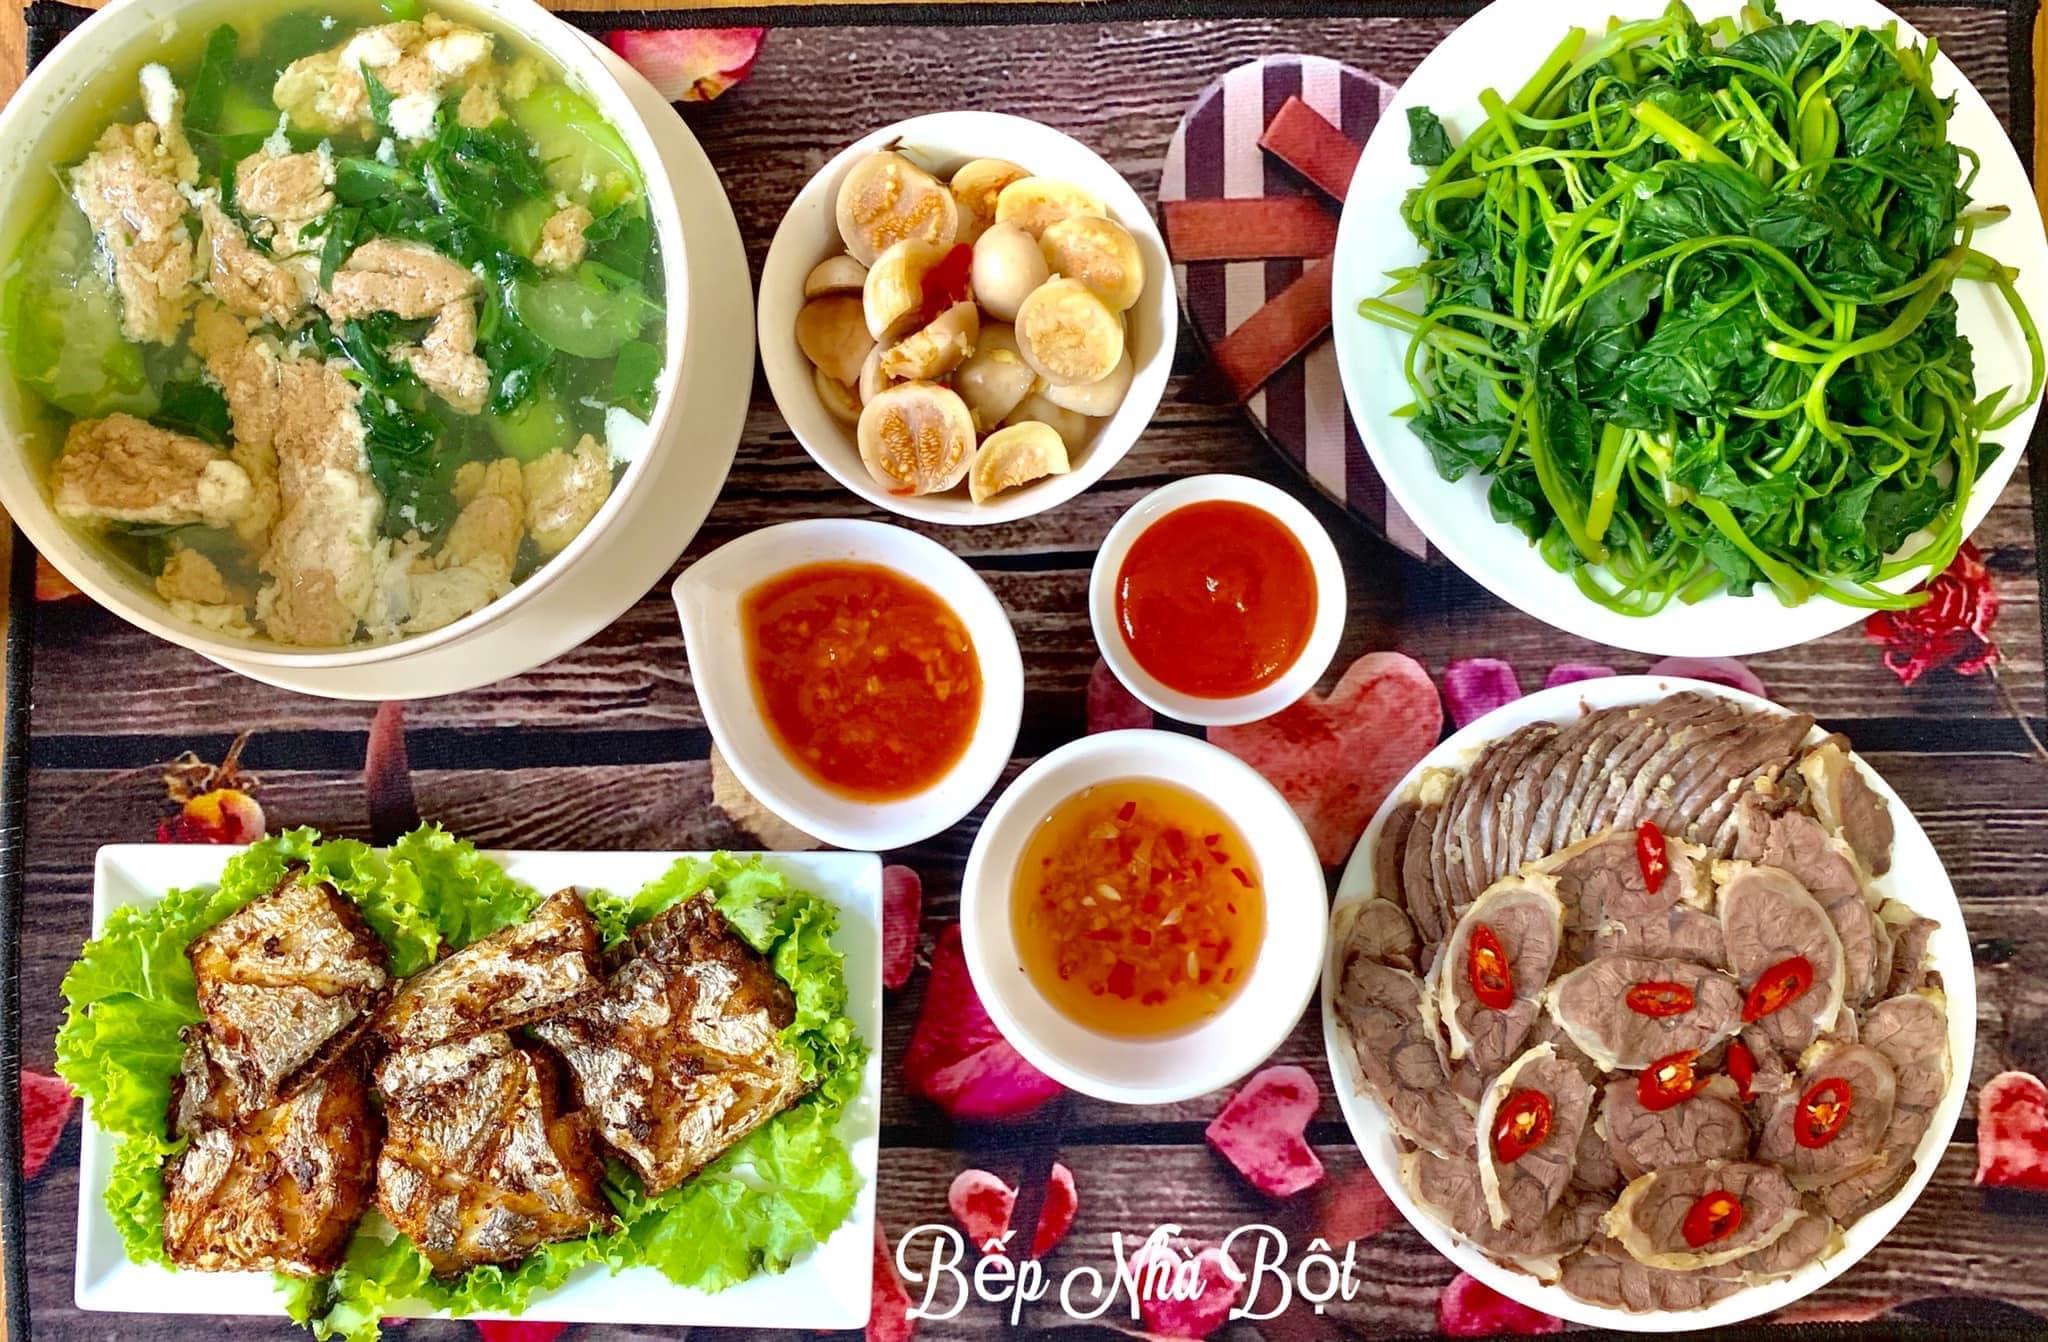 """Mâm cơm chỉ từ 120k của mẹ đơn thân Hà Nội khi coi """"Nấu ăn vì đam mê không phải là trách nhiệm"""" khiến ai nhìn cũng phải xuýt xoa - Ảnh 13."""